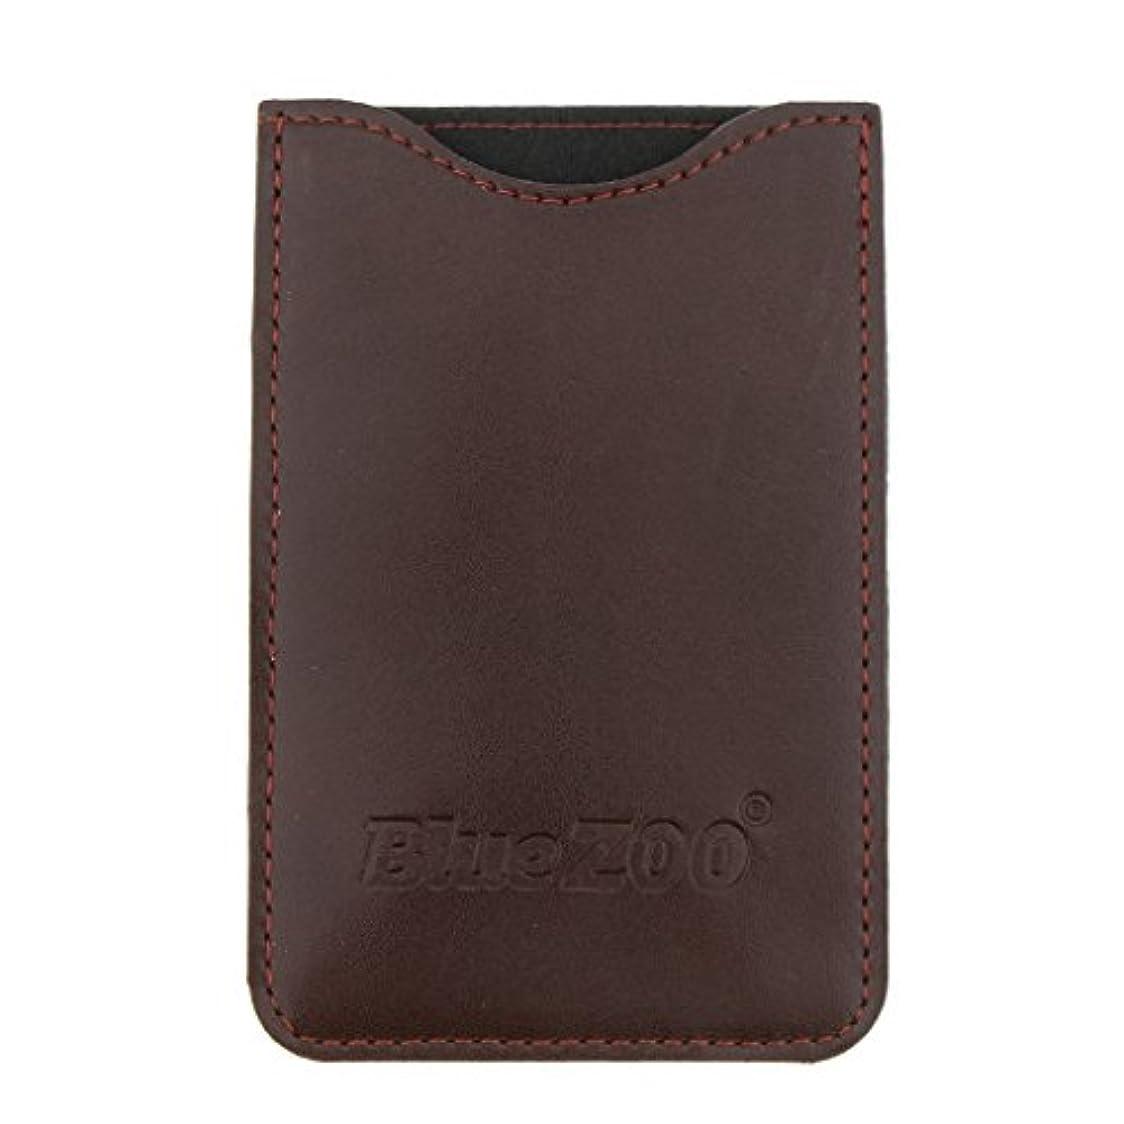 正確な評議会不愉快木製のポケットヒゲの櫛の保護収納ポーチ、小さな櫛PUレザーケース - 褐色